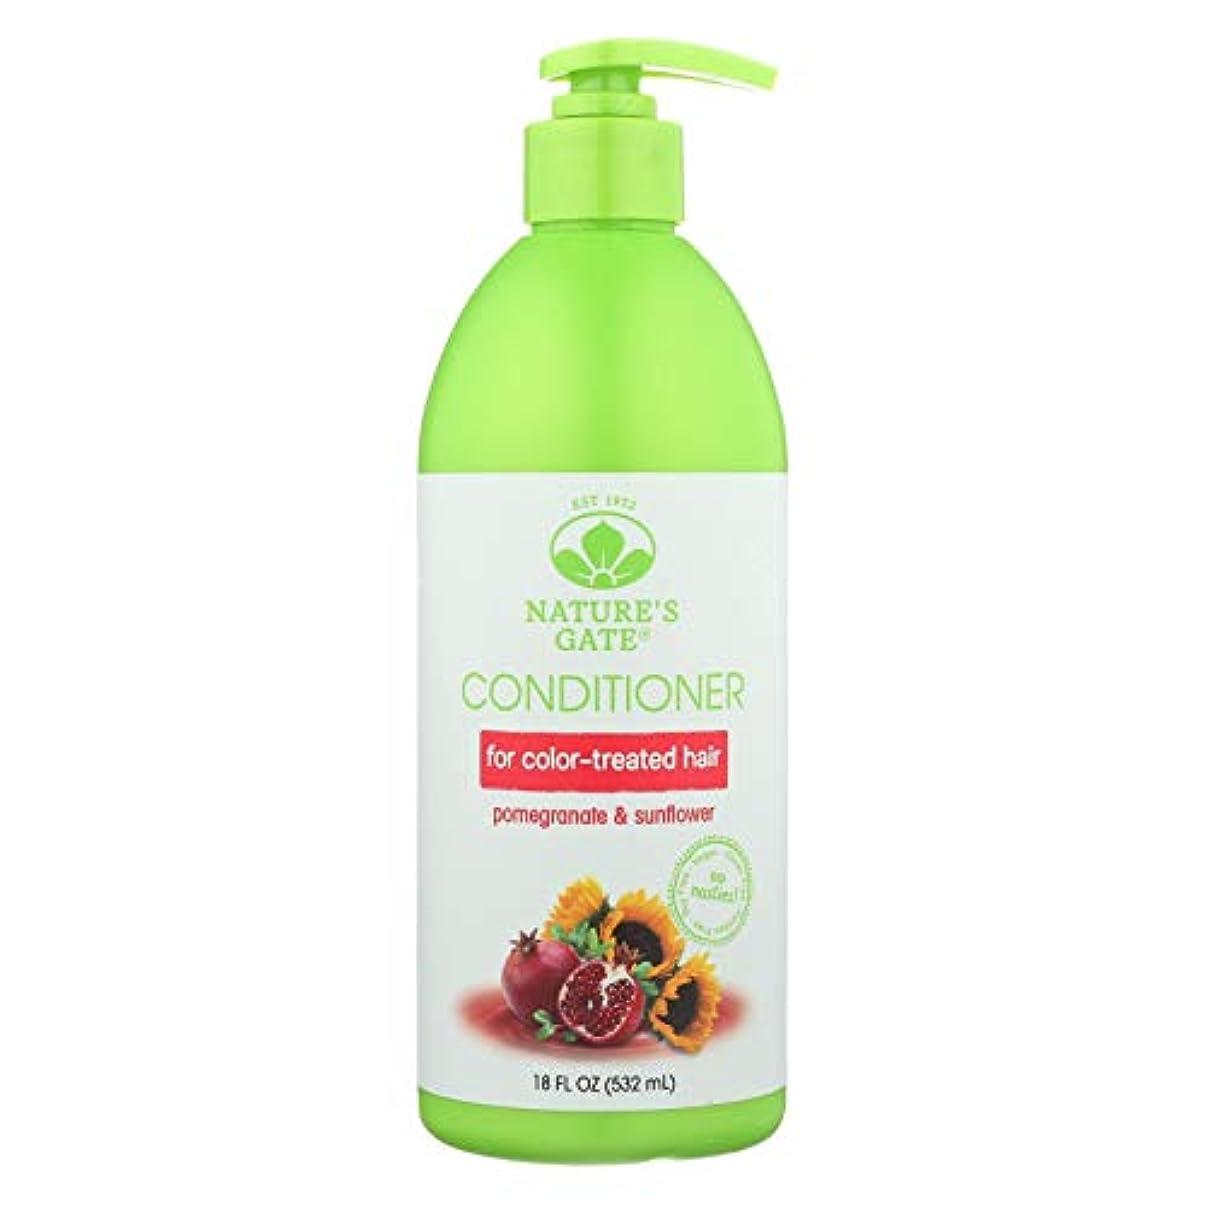 石化する消毒する野心Nature's Gate, Conditioner, Hair Defense, Pomegranate Sunflower, 18 fl oz (532 ml)